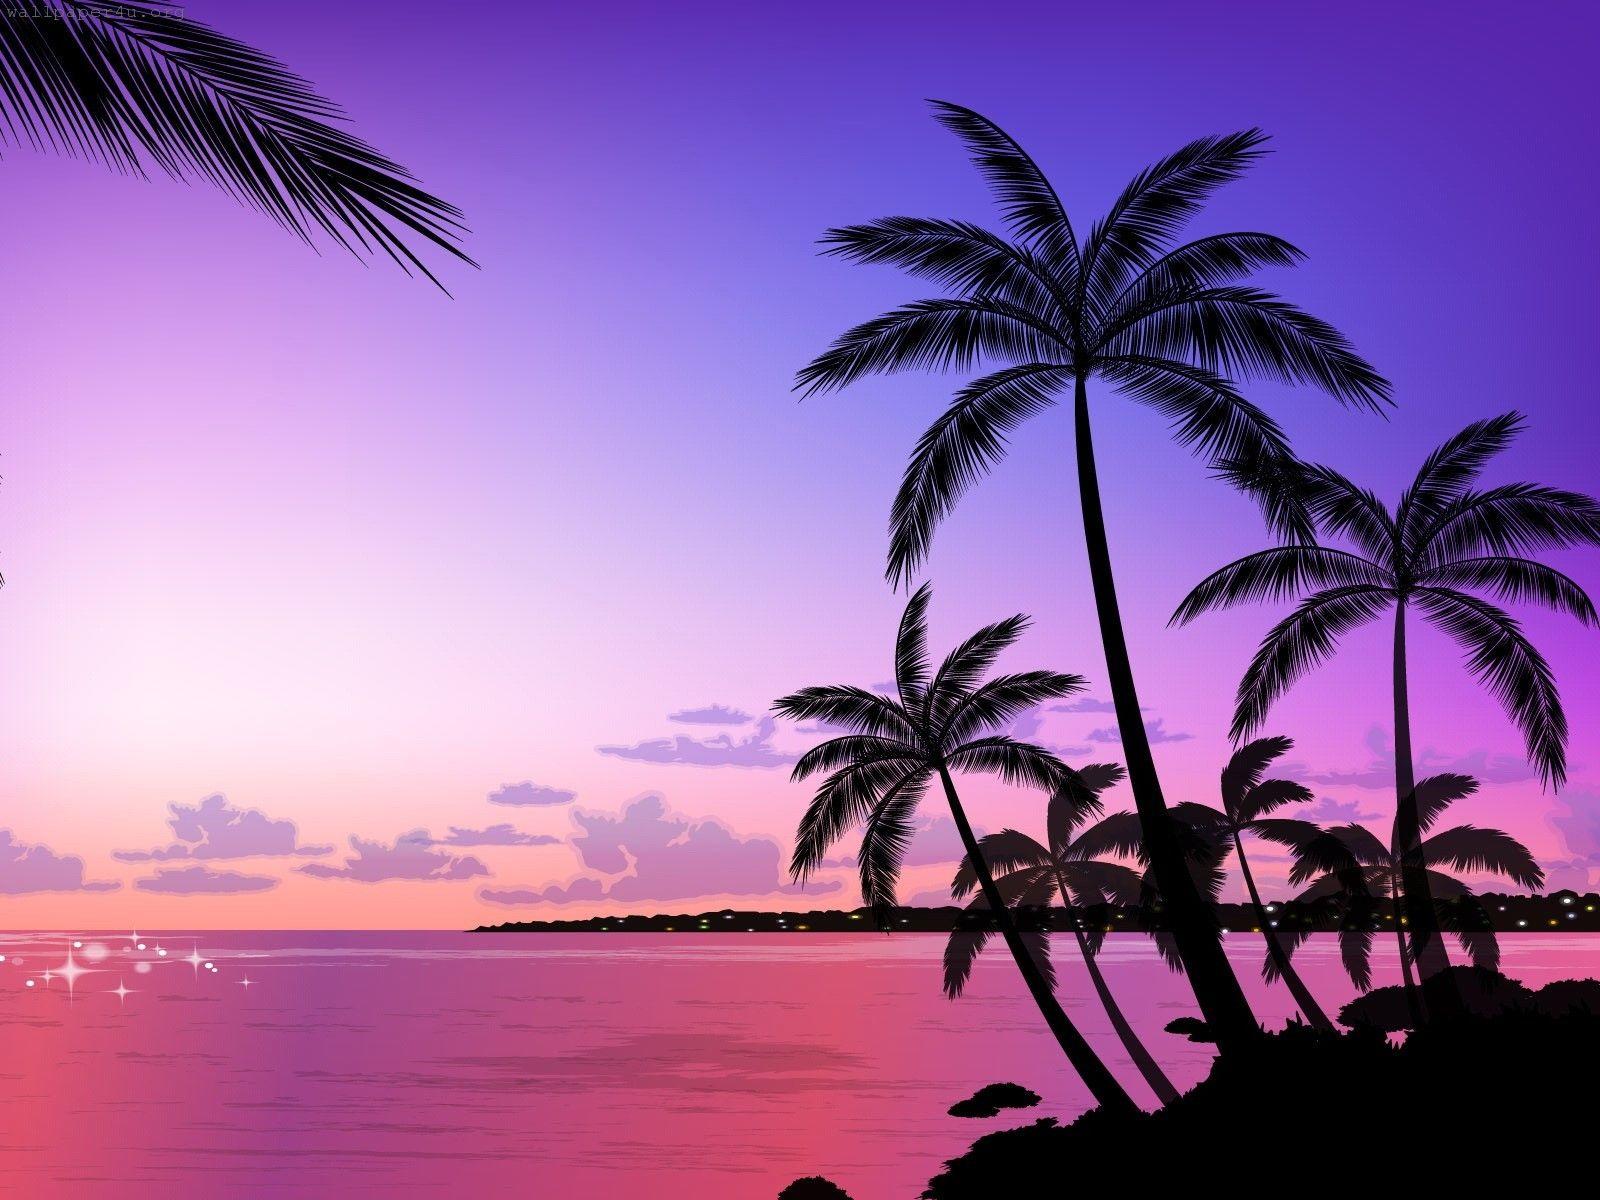 Beach Sunset Wallpaper Desktop Images Of